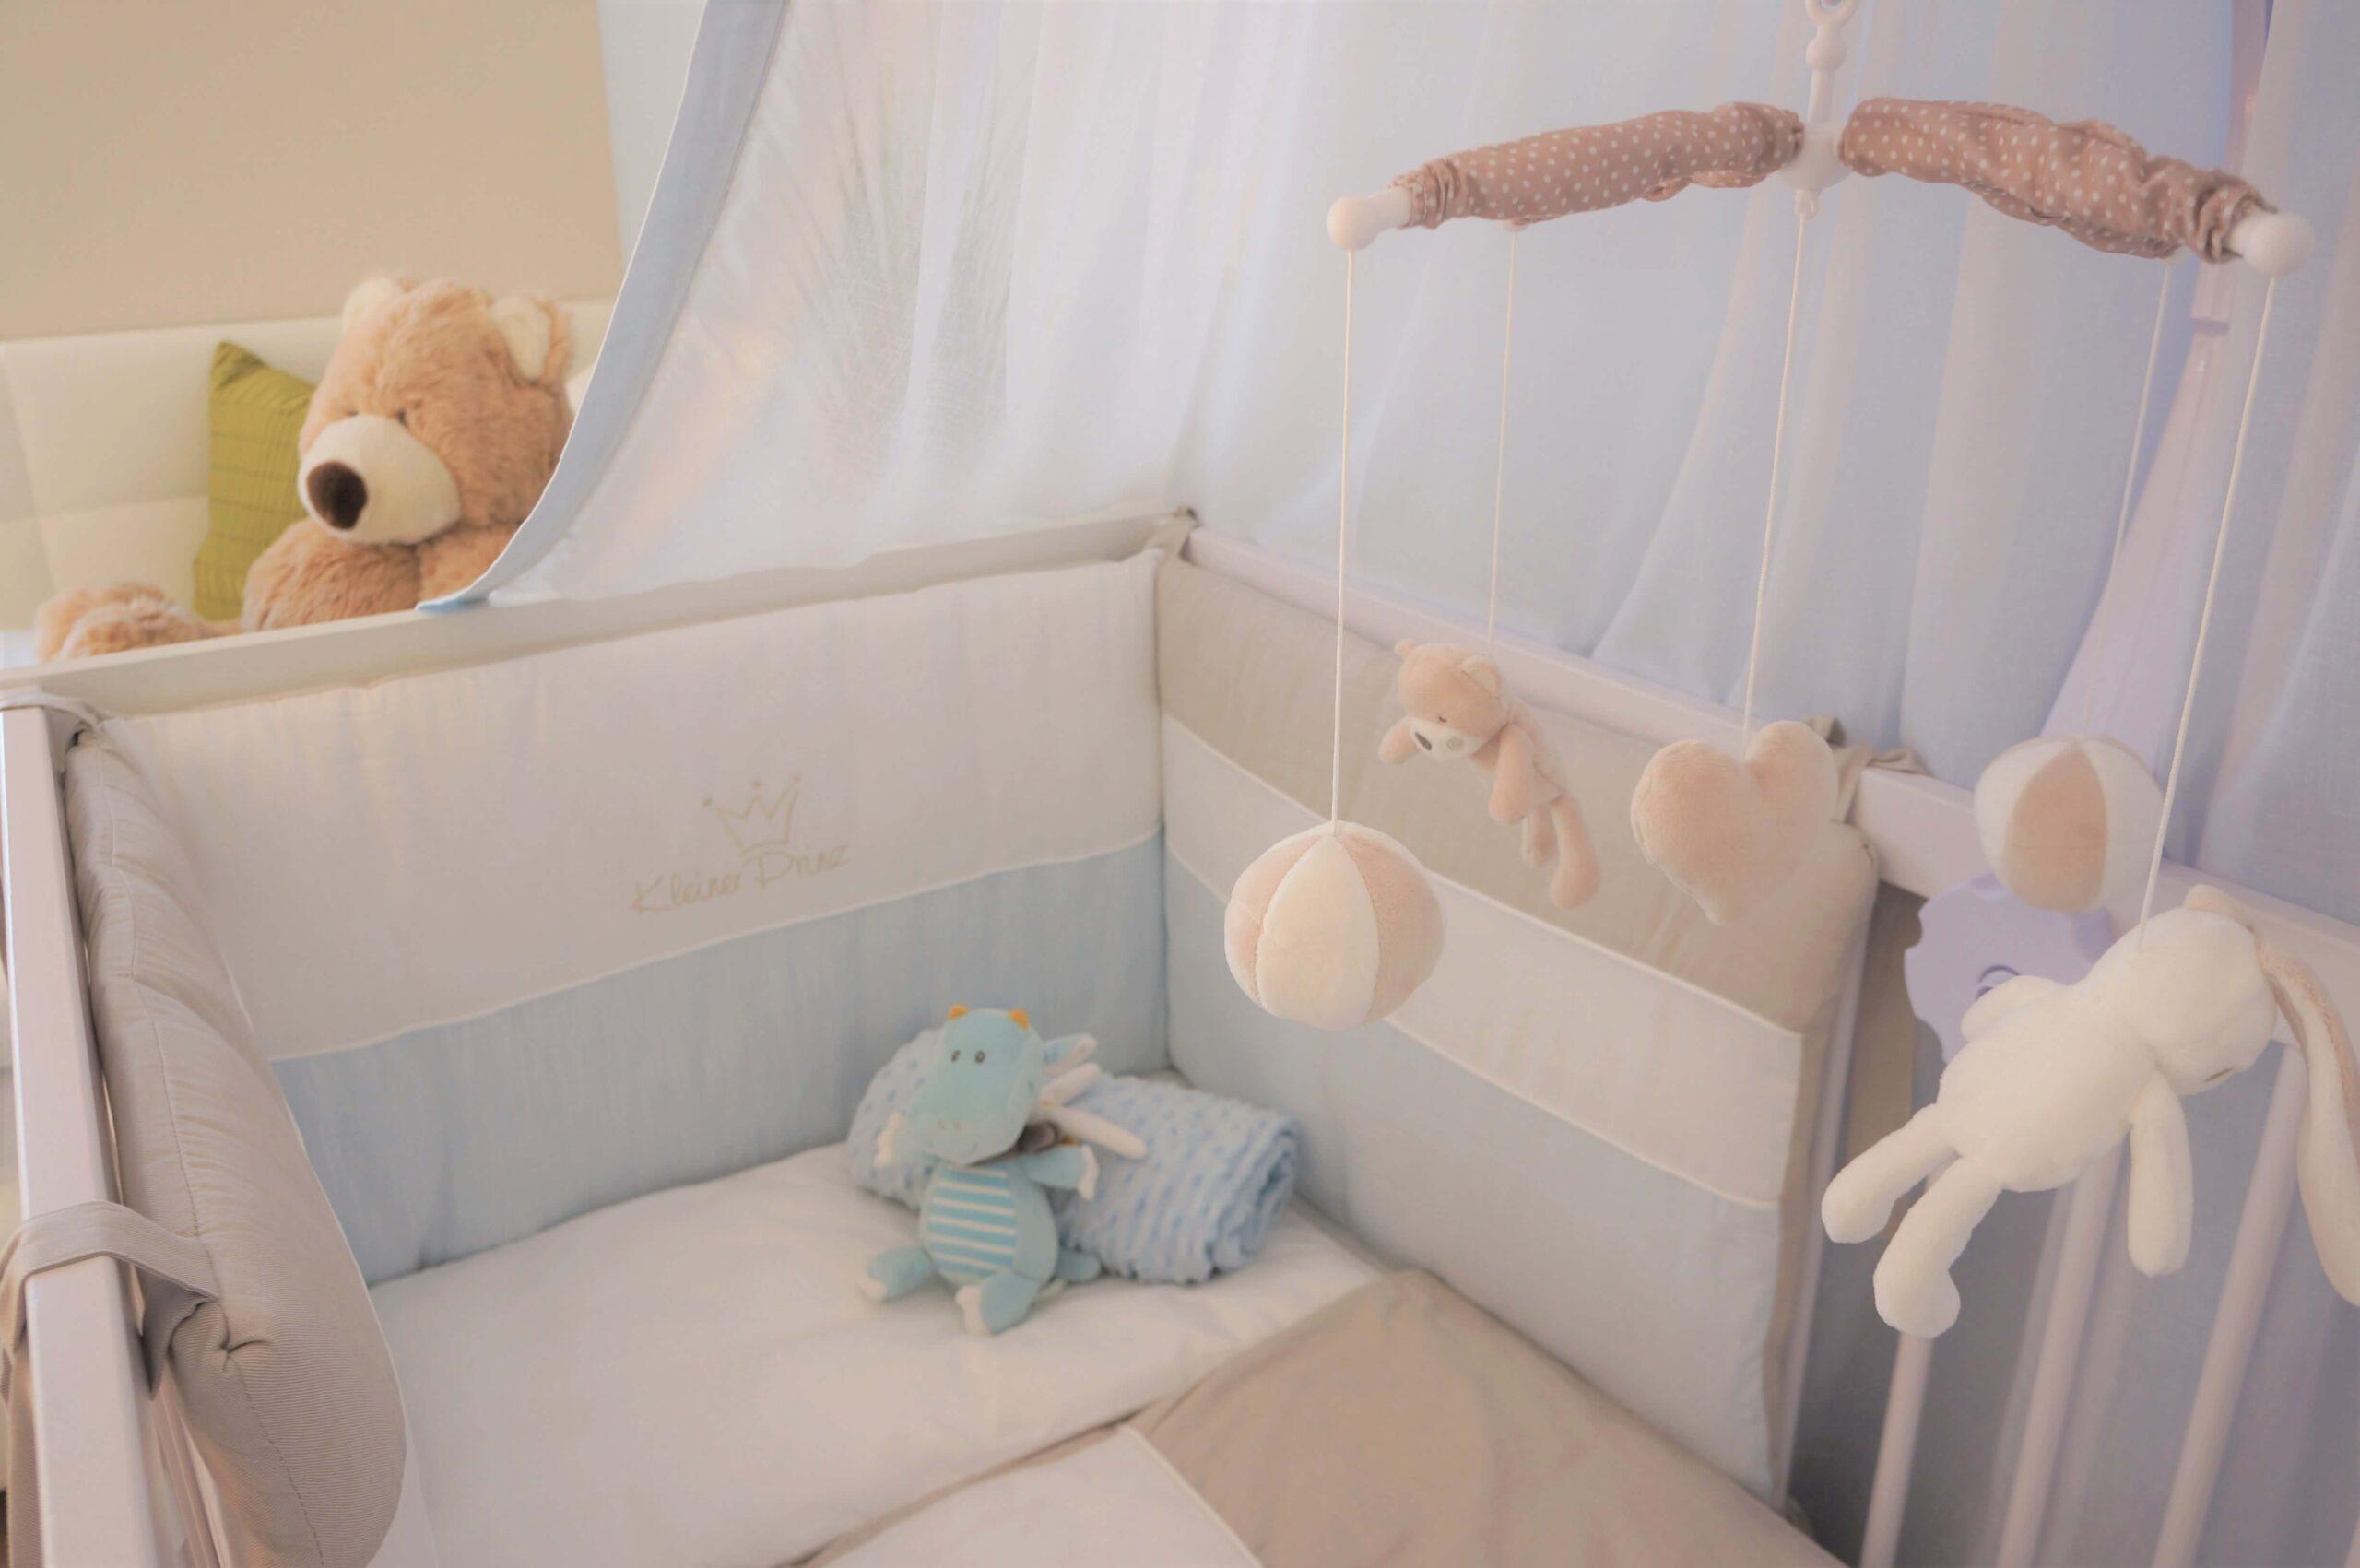 Full Size of Kinderzimmer Einrichten Junge Babyzimmer Unser Zuckerses Projekt Kleine Küche Regale Regal Weiß Badezimmer Sofa Kinderzimmer Kinderzimmer Einrichten Junge